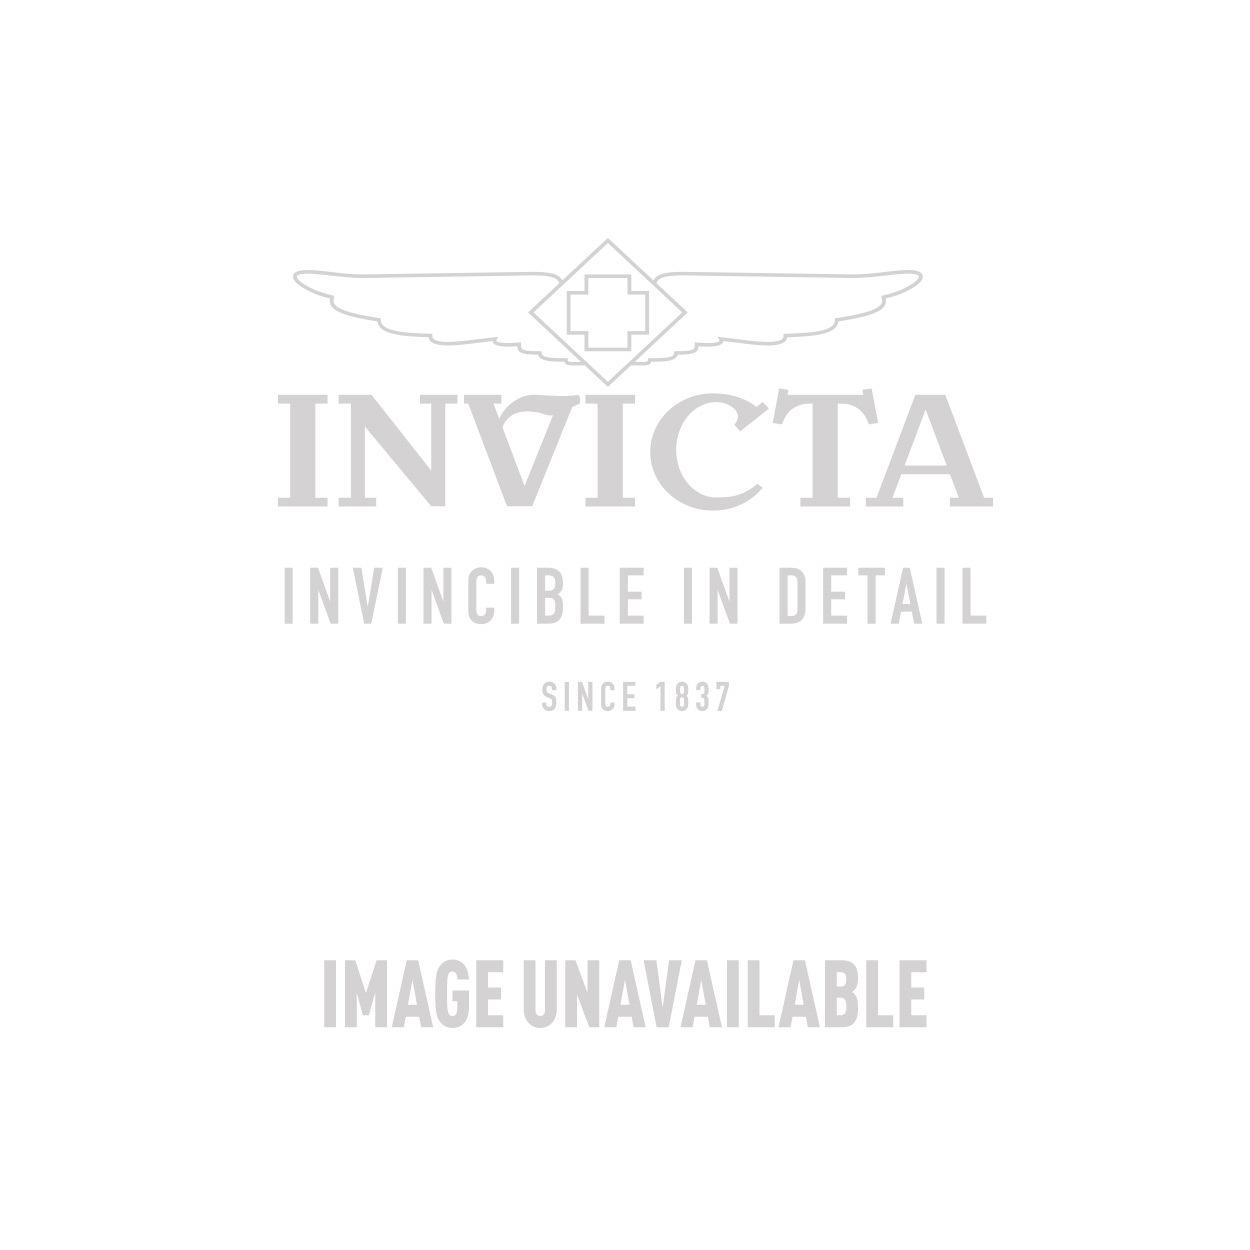 Invicta Model 27129